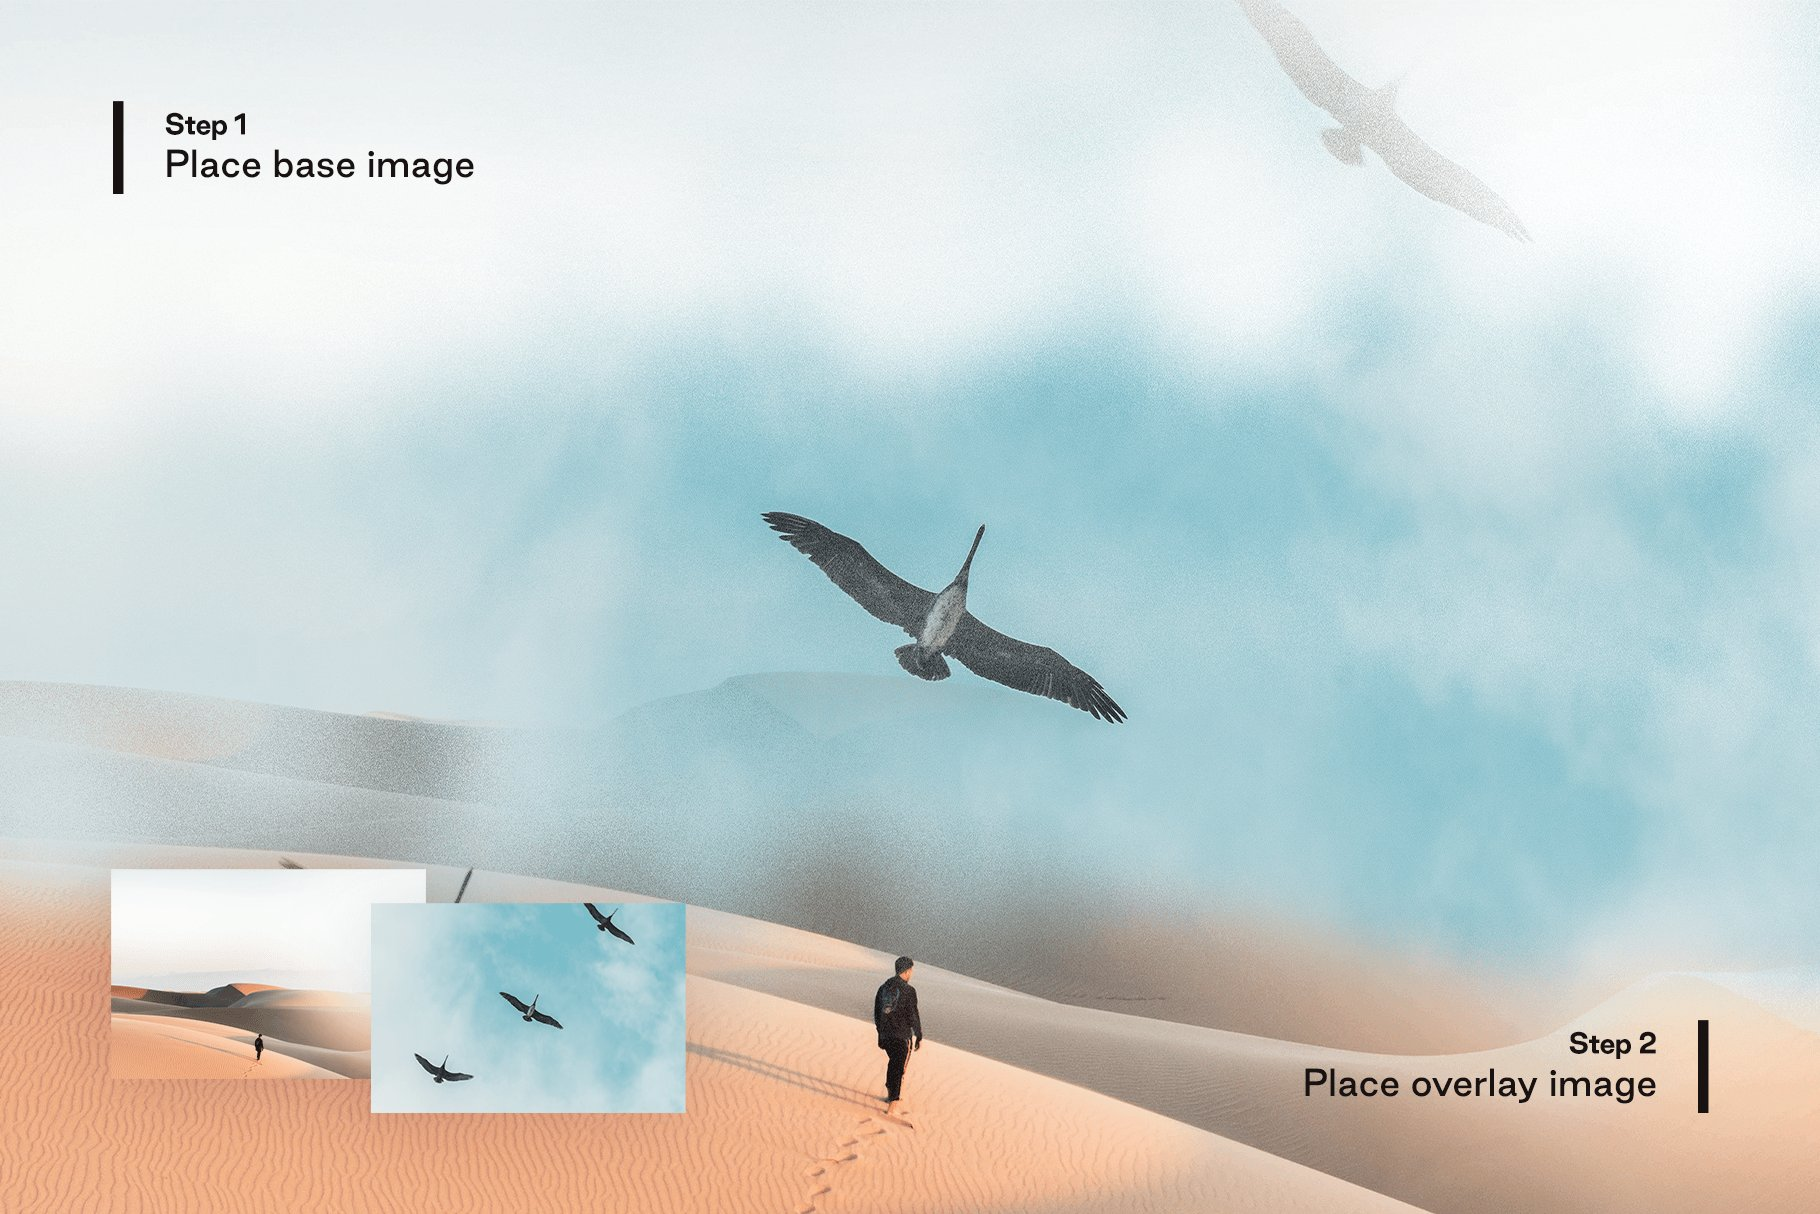 [淘宝购买] 多种曝光融合烟雾混合效果照片处理PS图层样式 Converge – Image Blending插图4